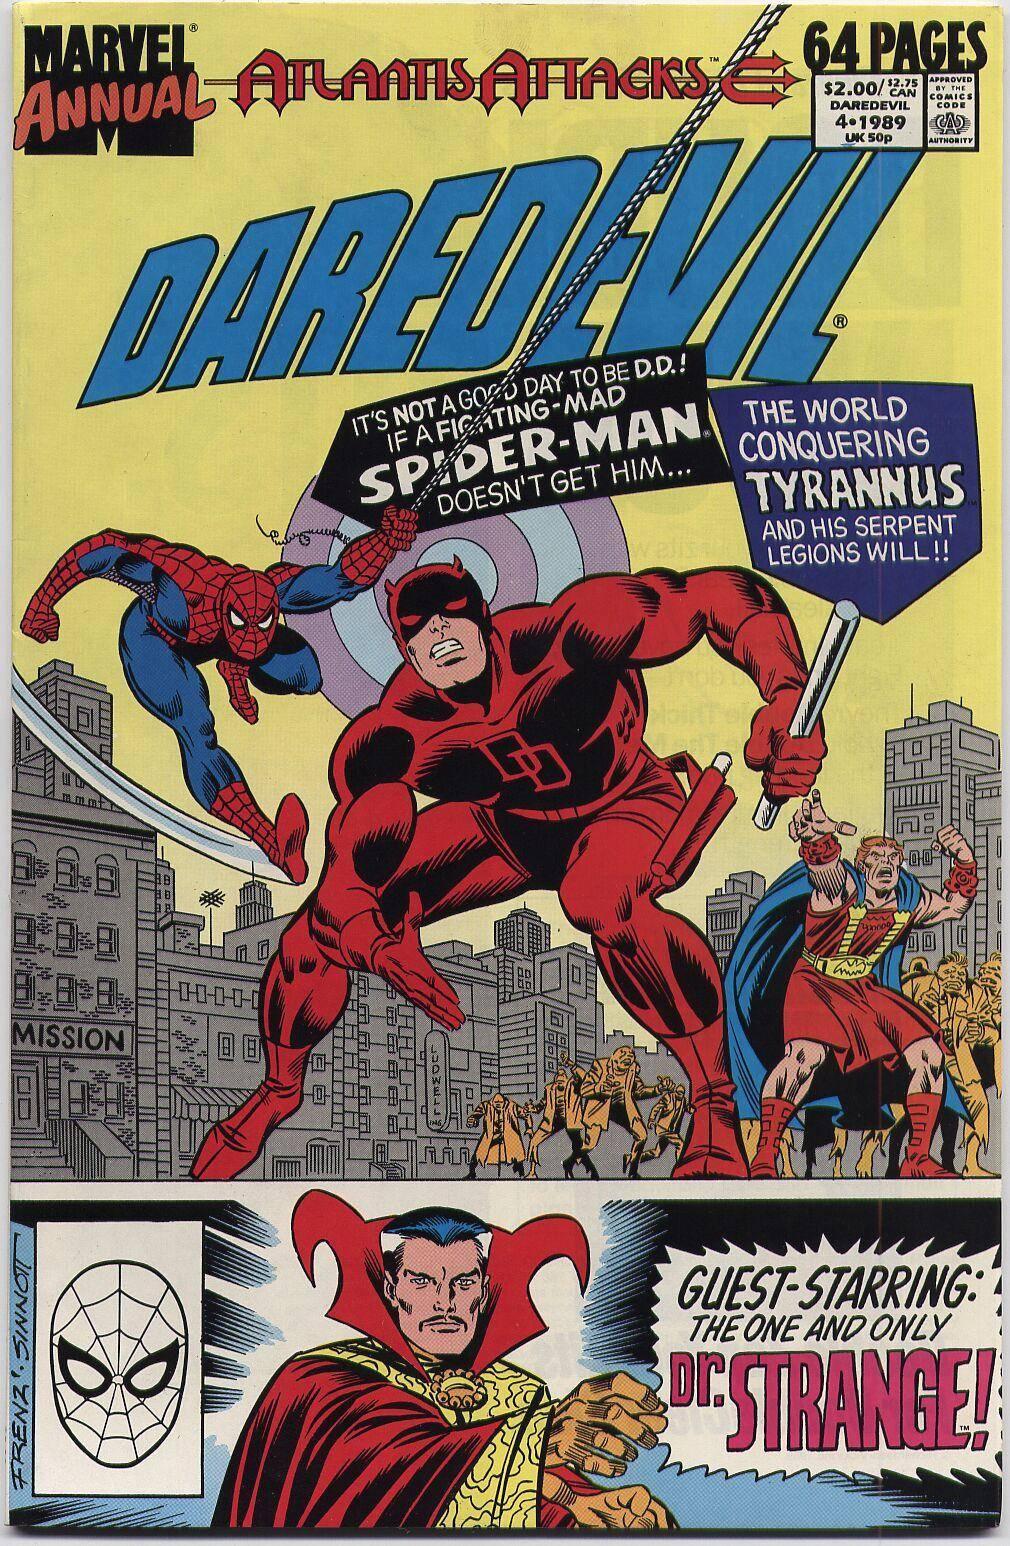 Daredevil v1 Annual 04b 1989 Atlantis Attacks